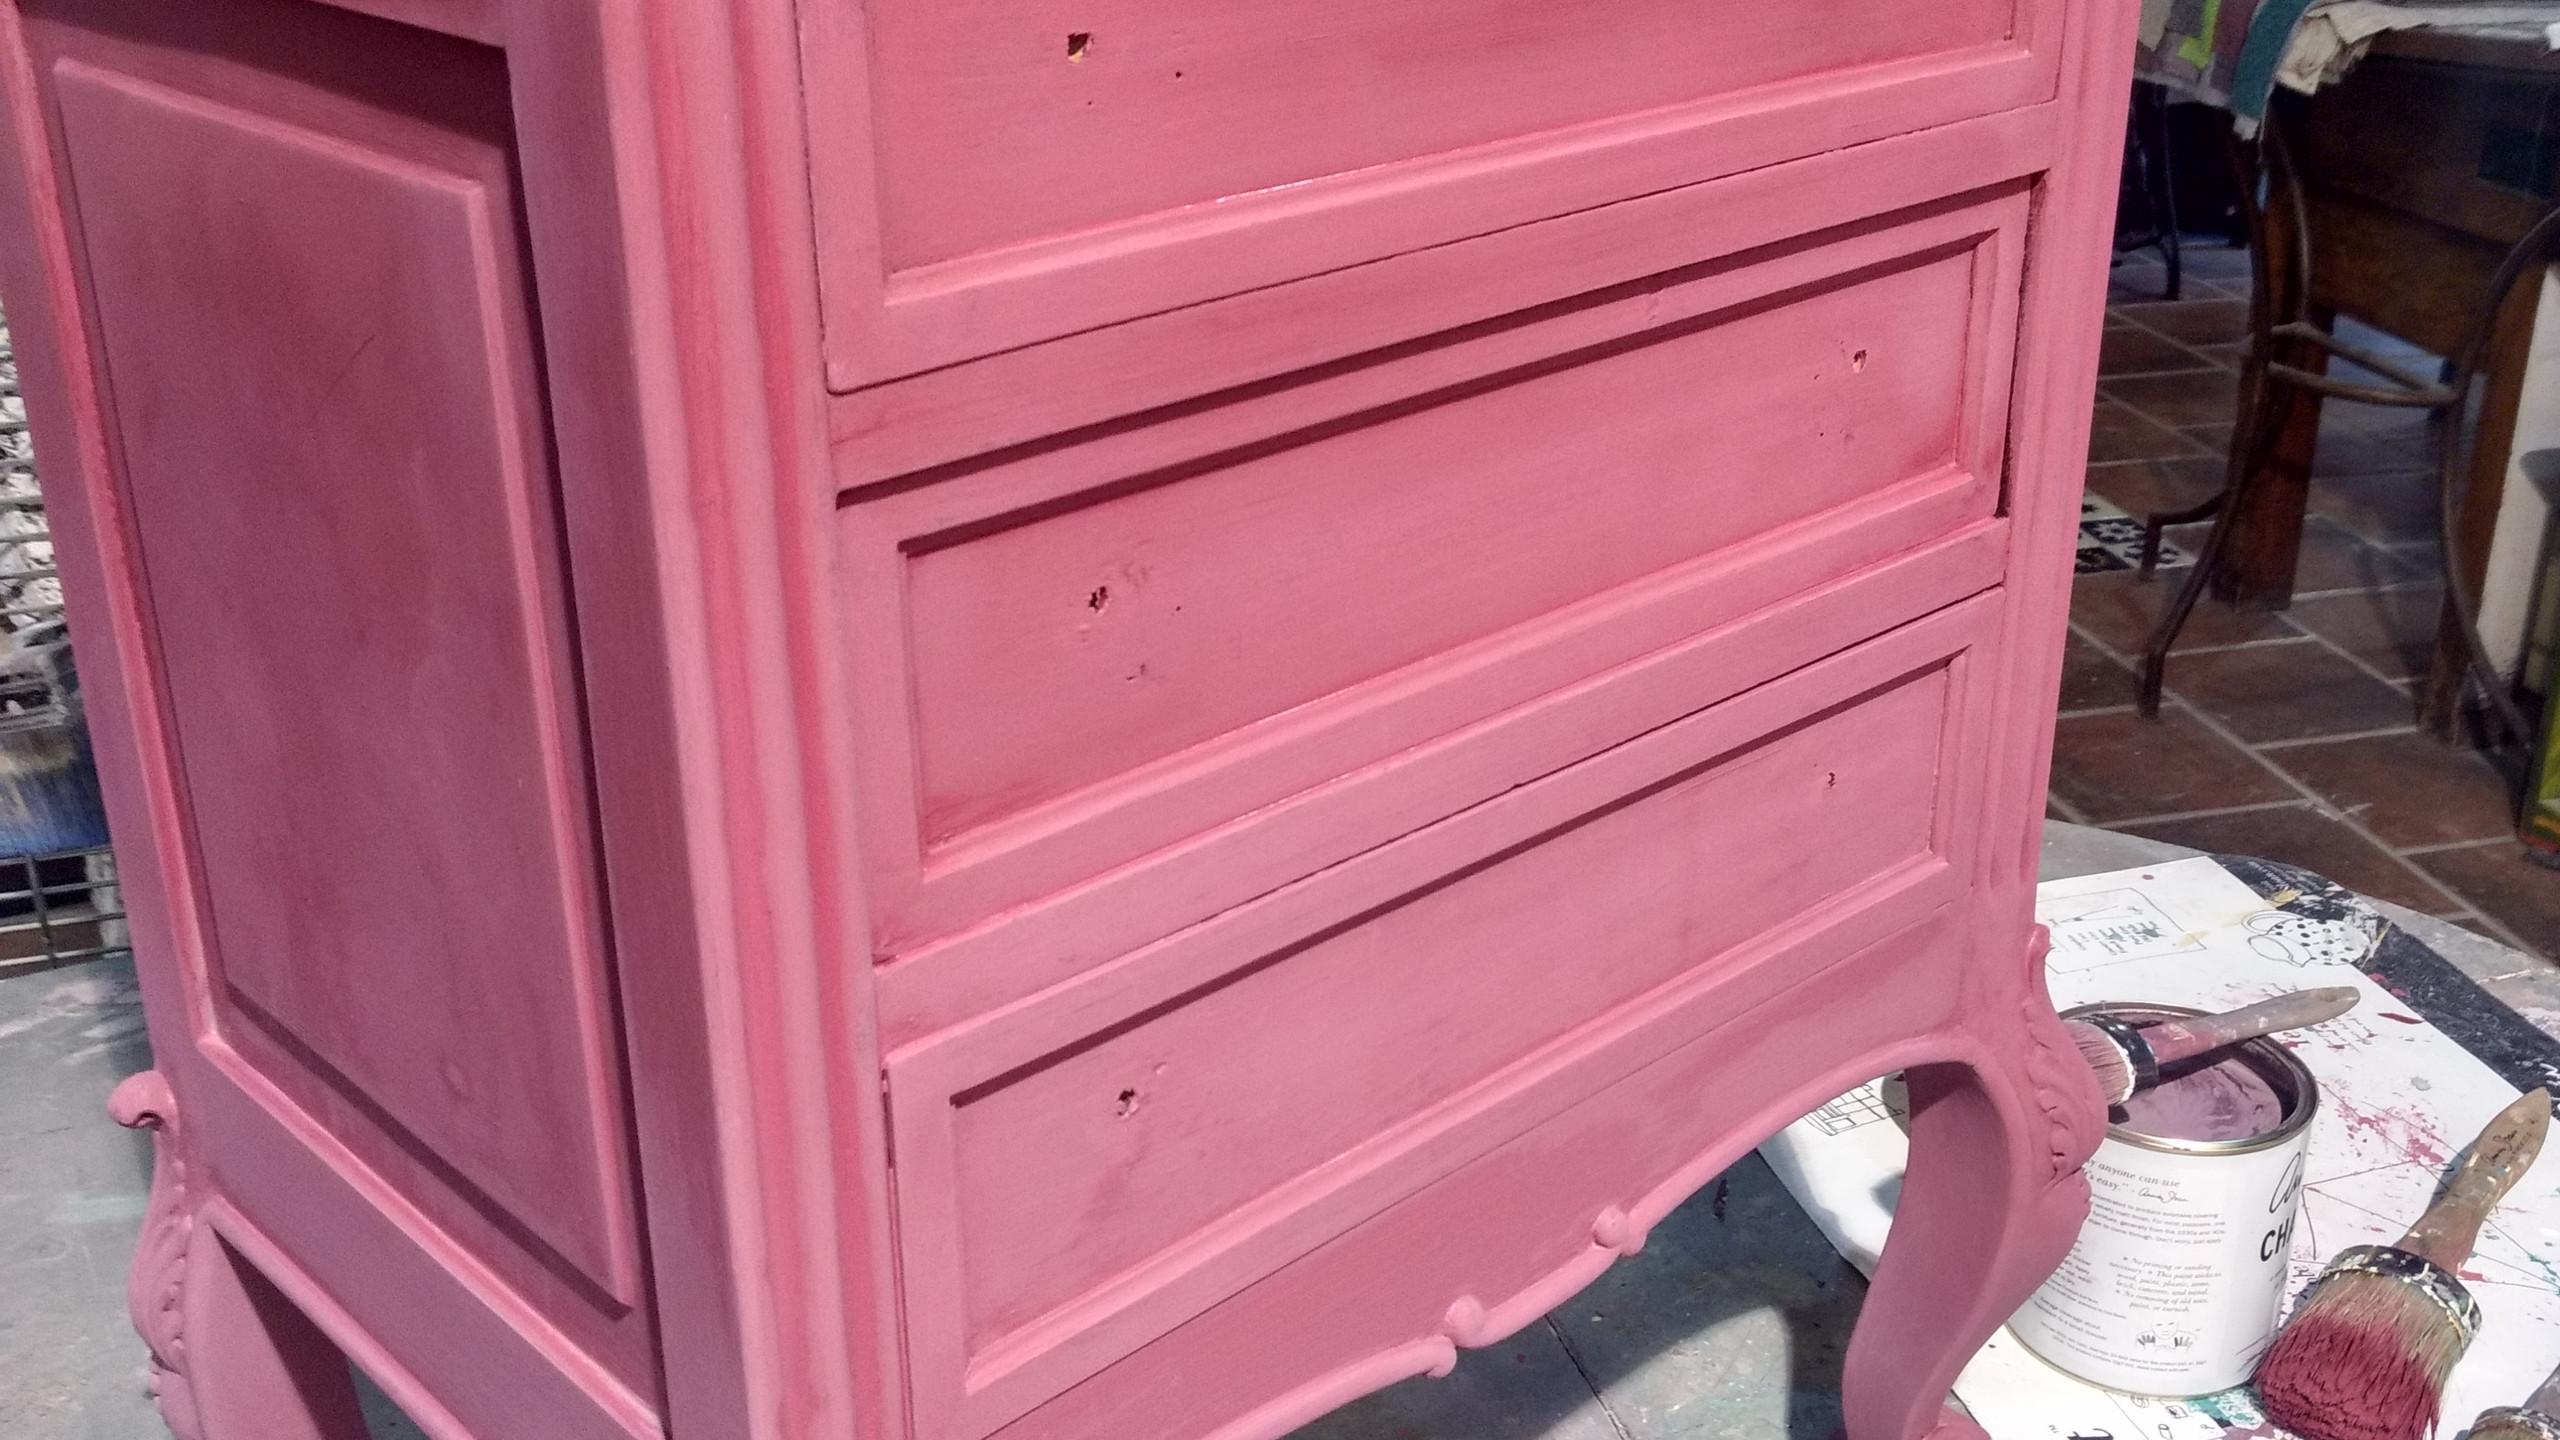 Muebles pintados con un degradado de color en Burgundy y Emile. Aplicación de la primera capa. - Trabajo realizado TRATE Tienda Taller, pintado con Chalk Paint Annie Sloan